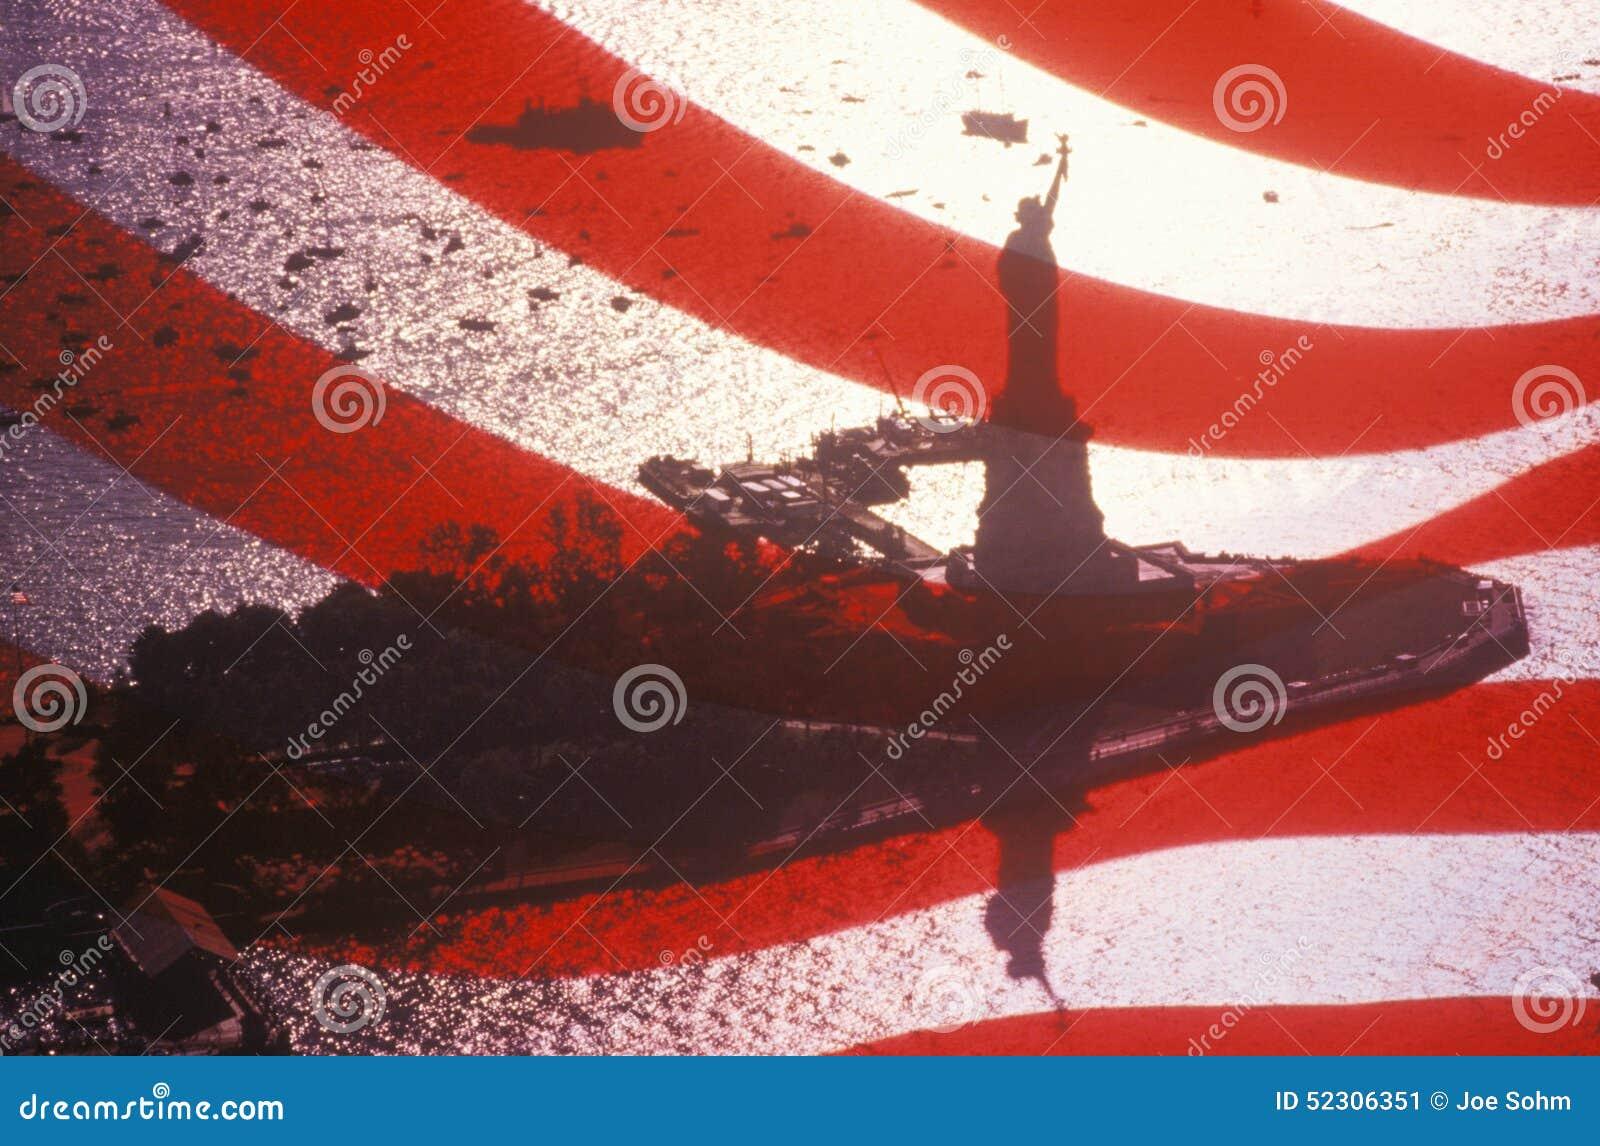 Estátua da bandeira de Liberty Seen Through An American, New York City, New York